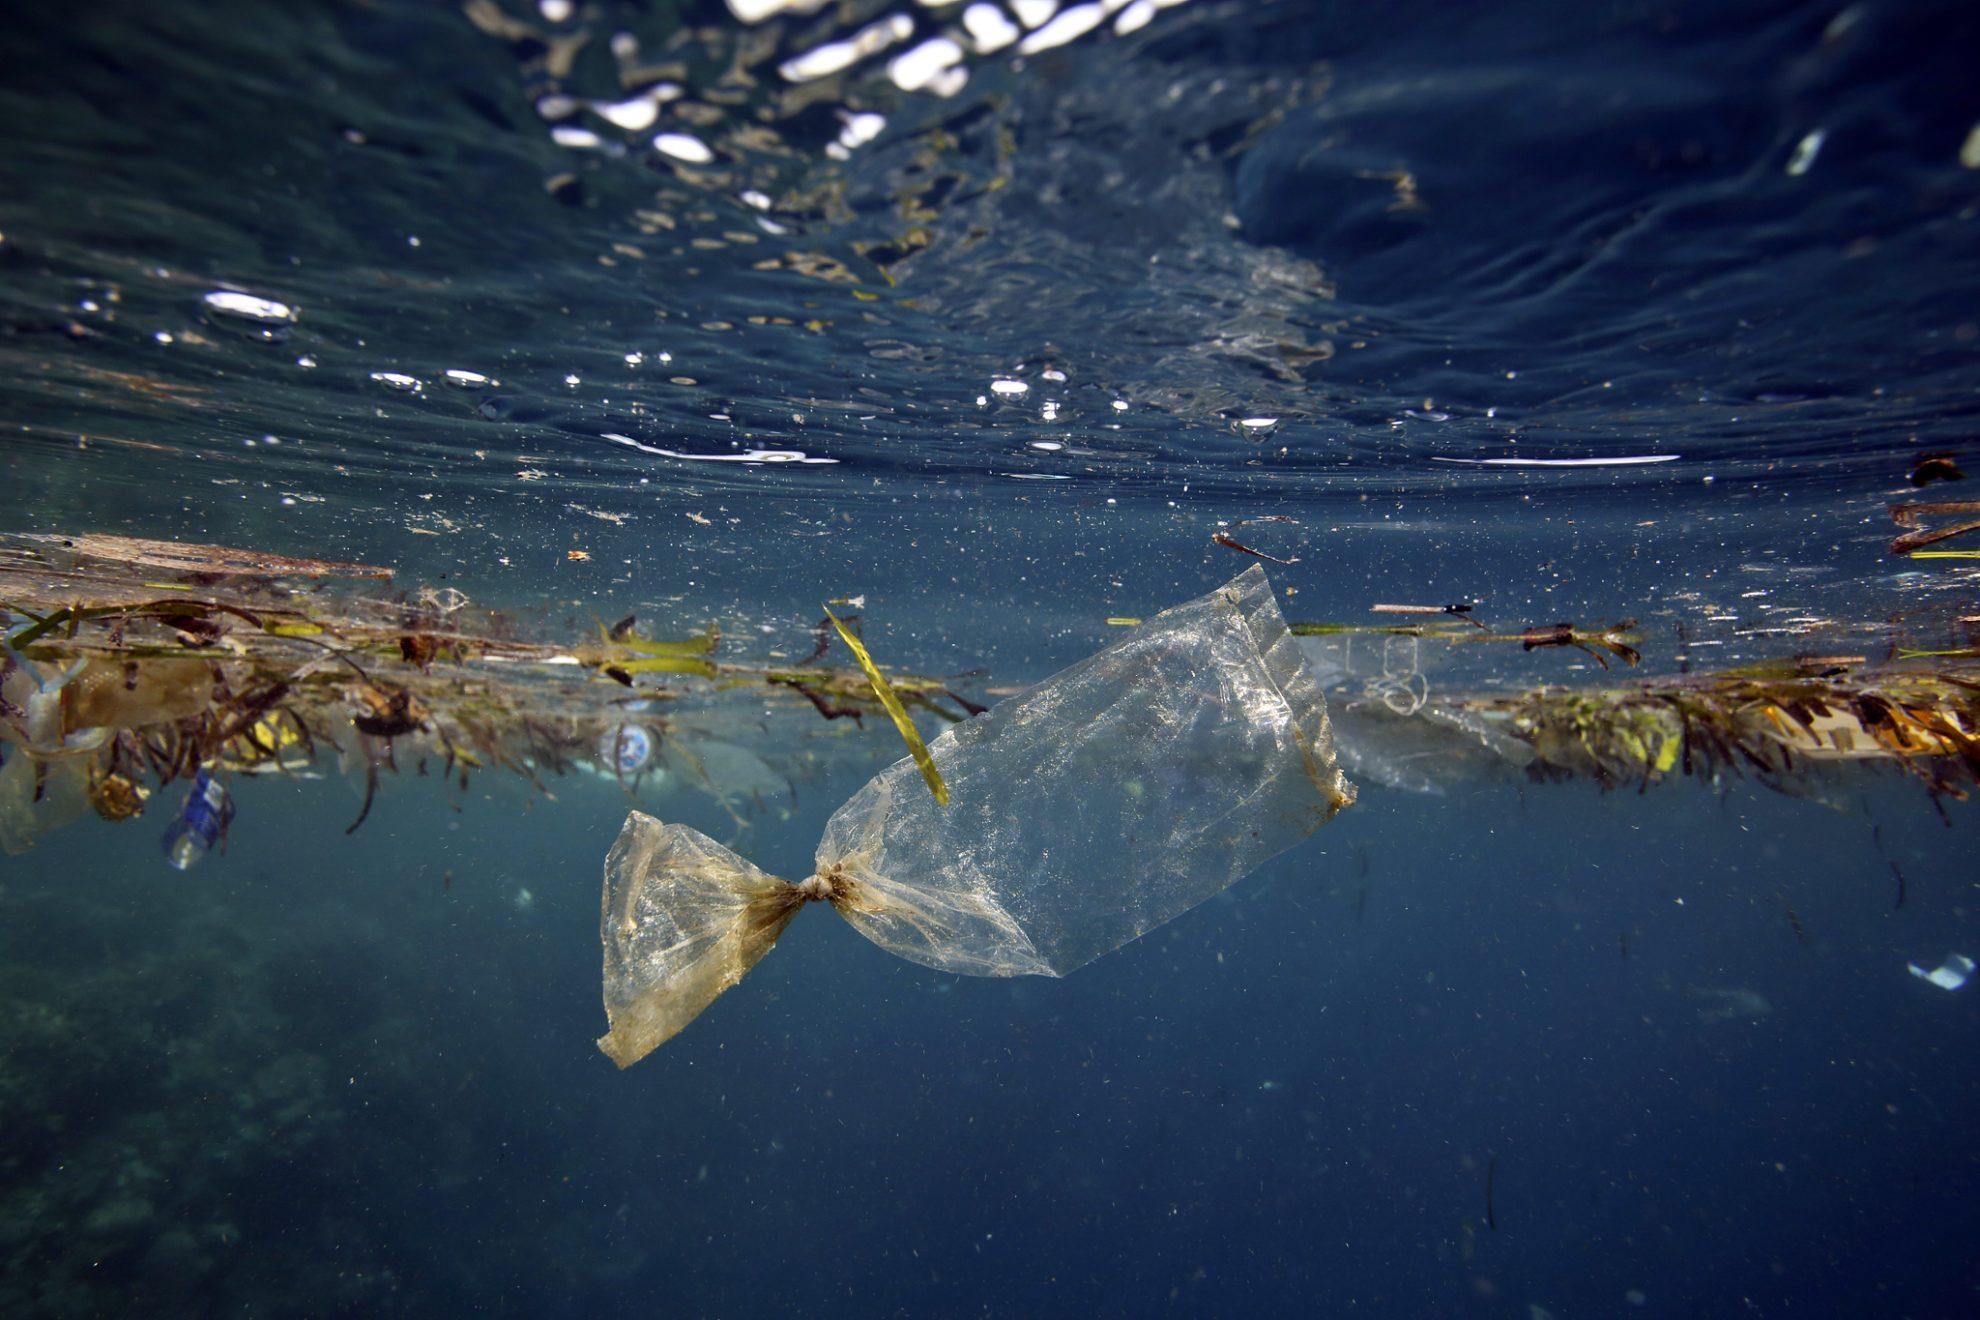 Пластиковые пакеты, самый распространенный вид мусора в океане.